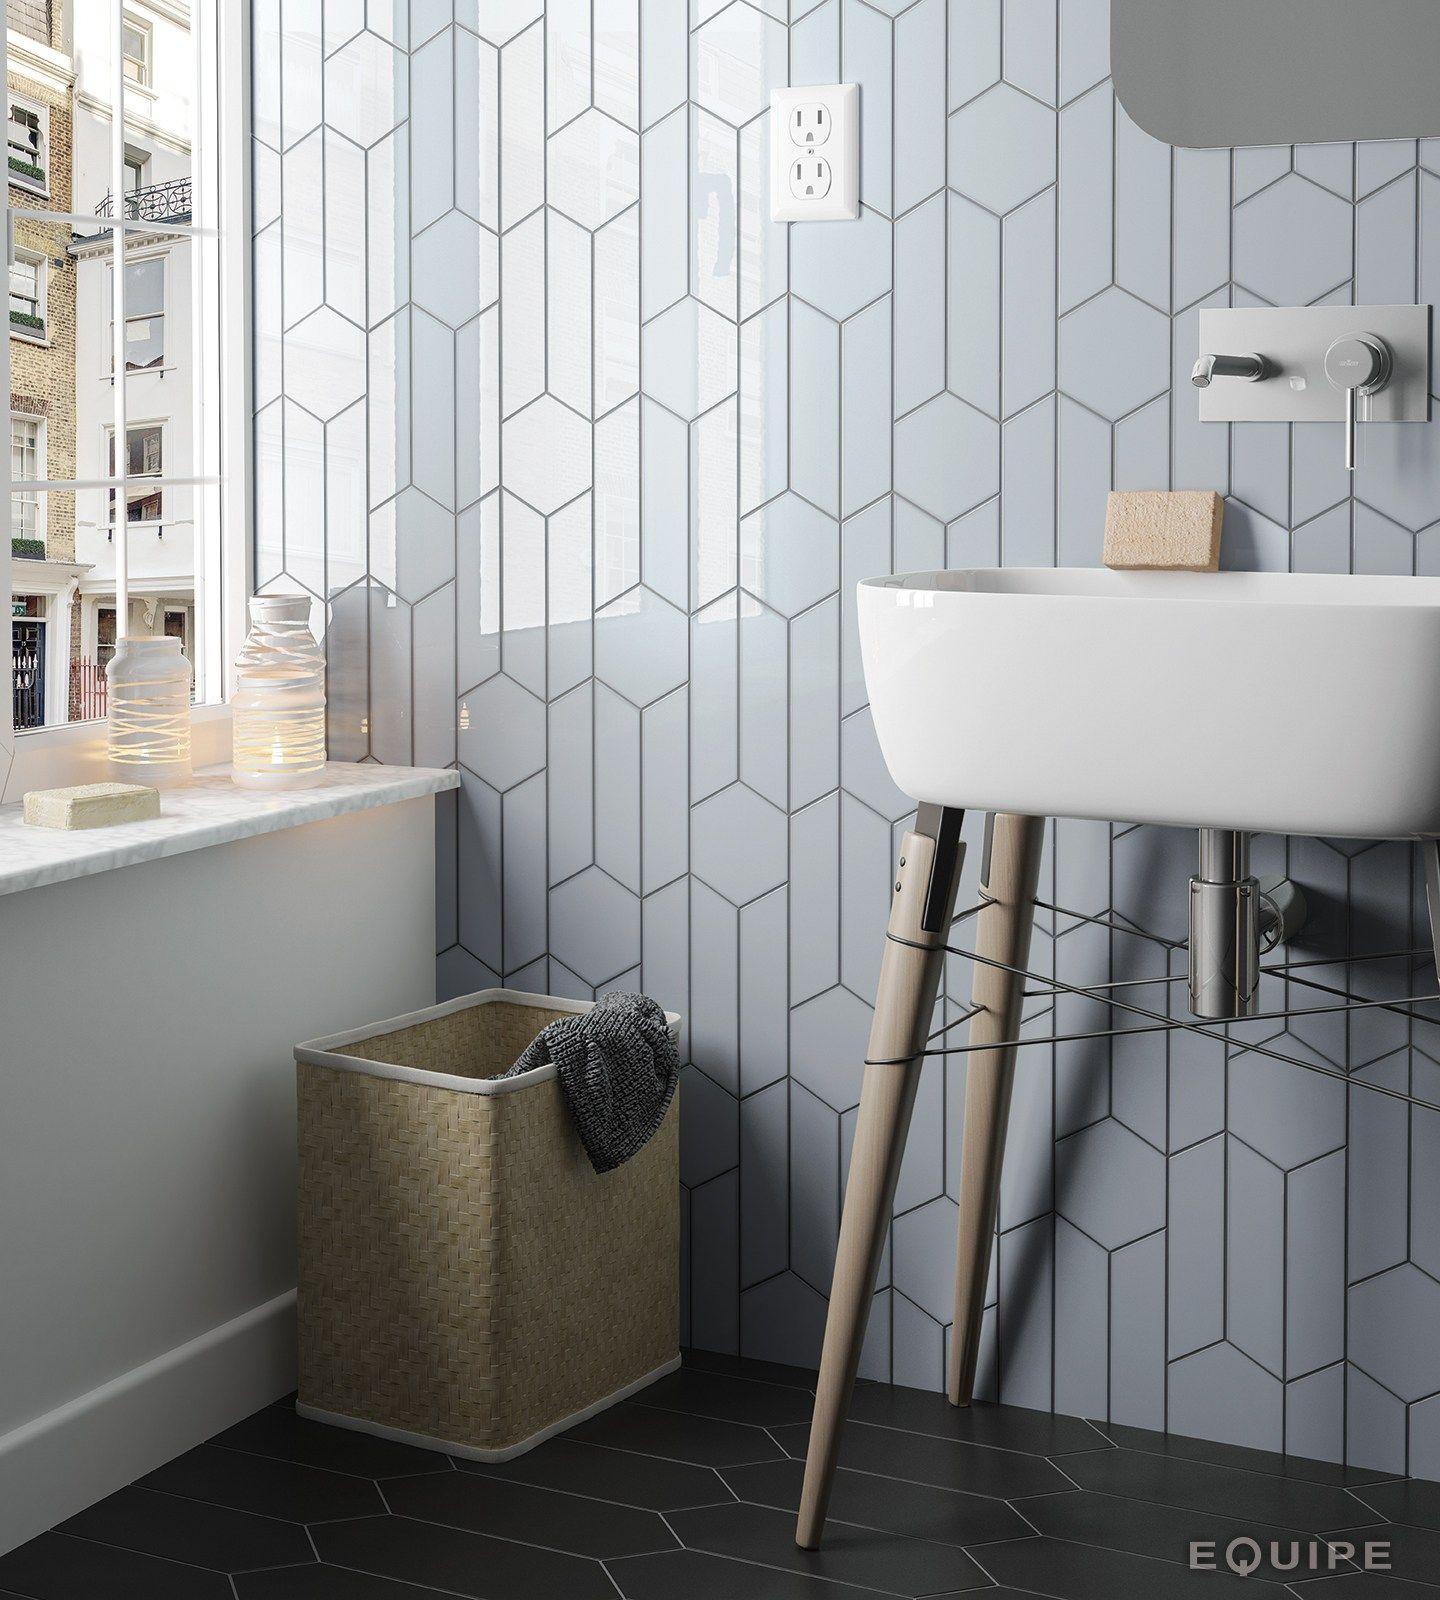 Chevron wall wall tiles by equipe ceramicas - Equipe ceramicas ...